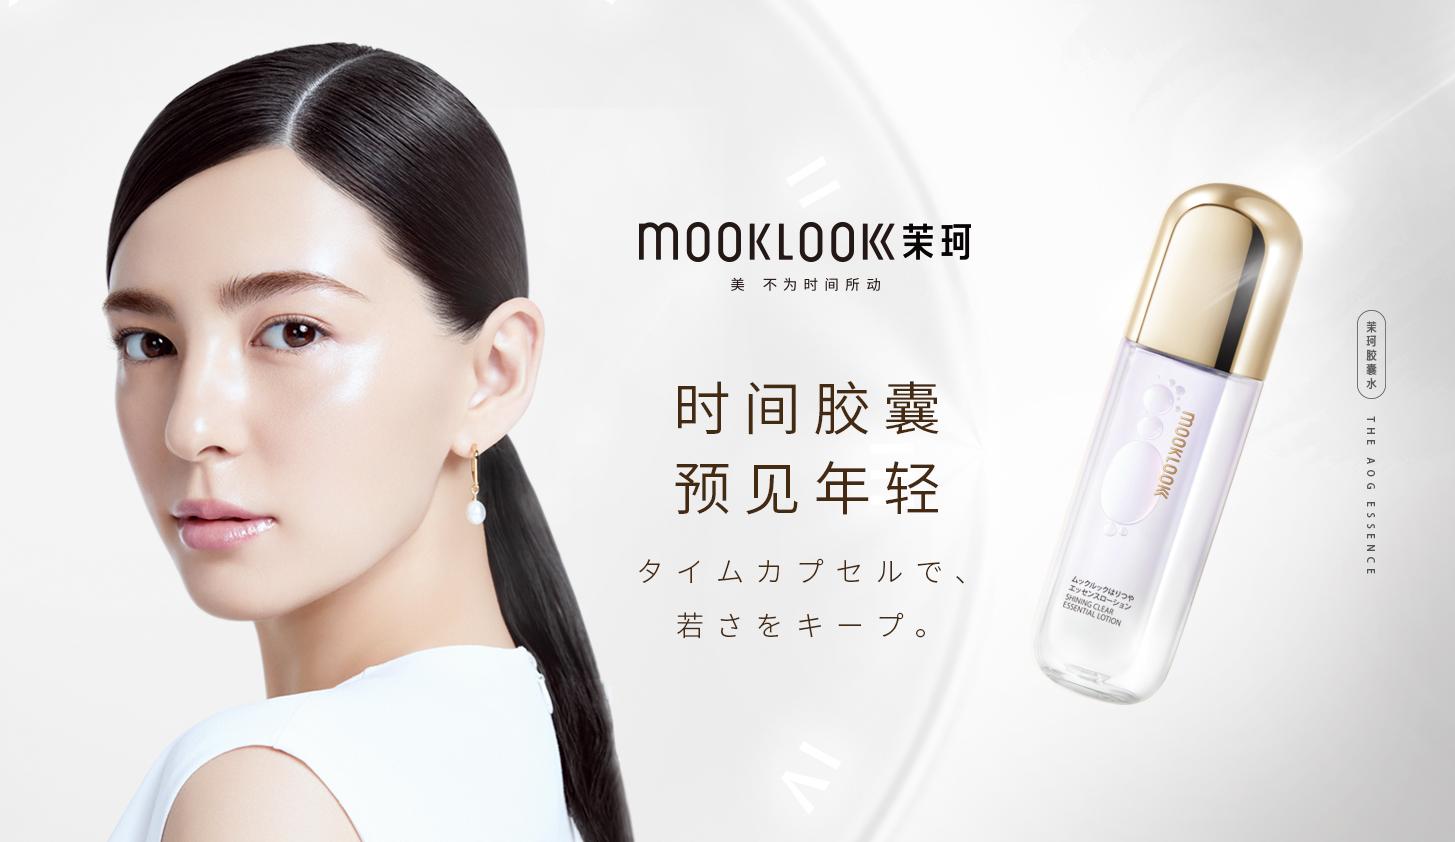 MOOKLOOK茉珂源自日本,是以抗糖抗氧抗初老为主的功能性护肤品牌。